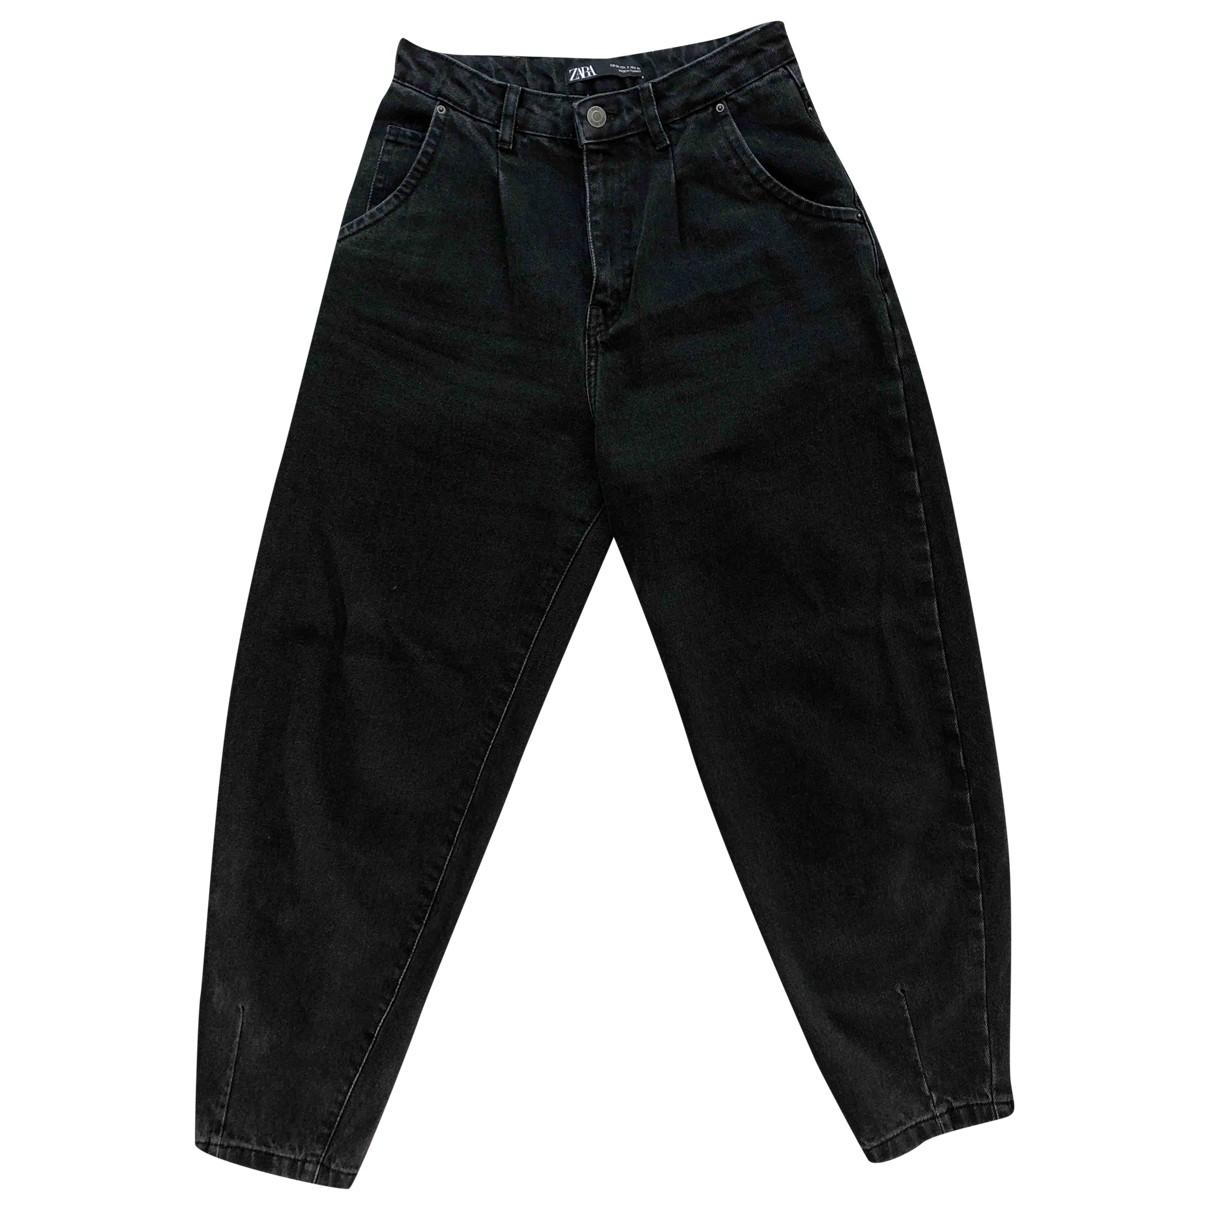 Zara \N Black Denim - Jeans Jeans for Women 34 FR